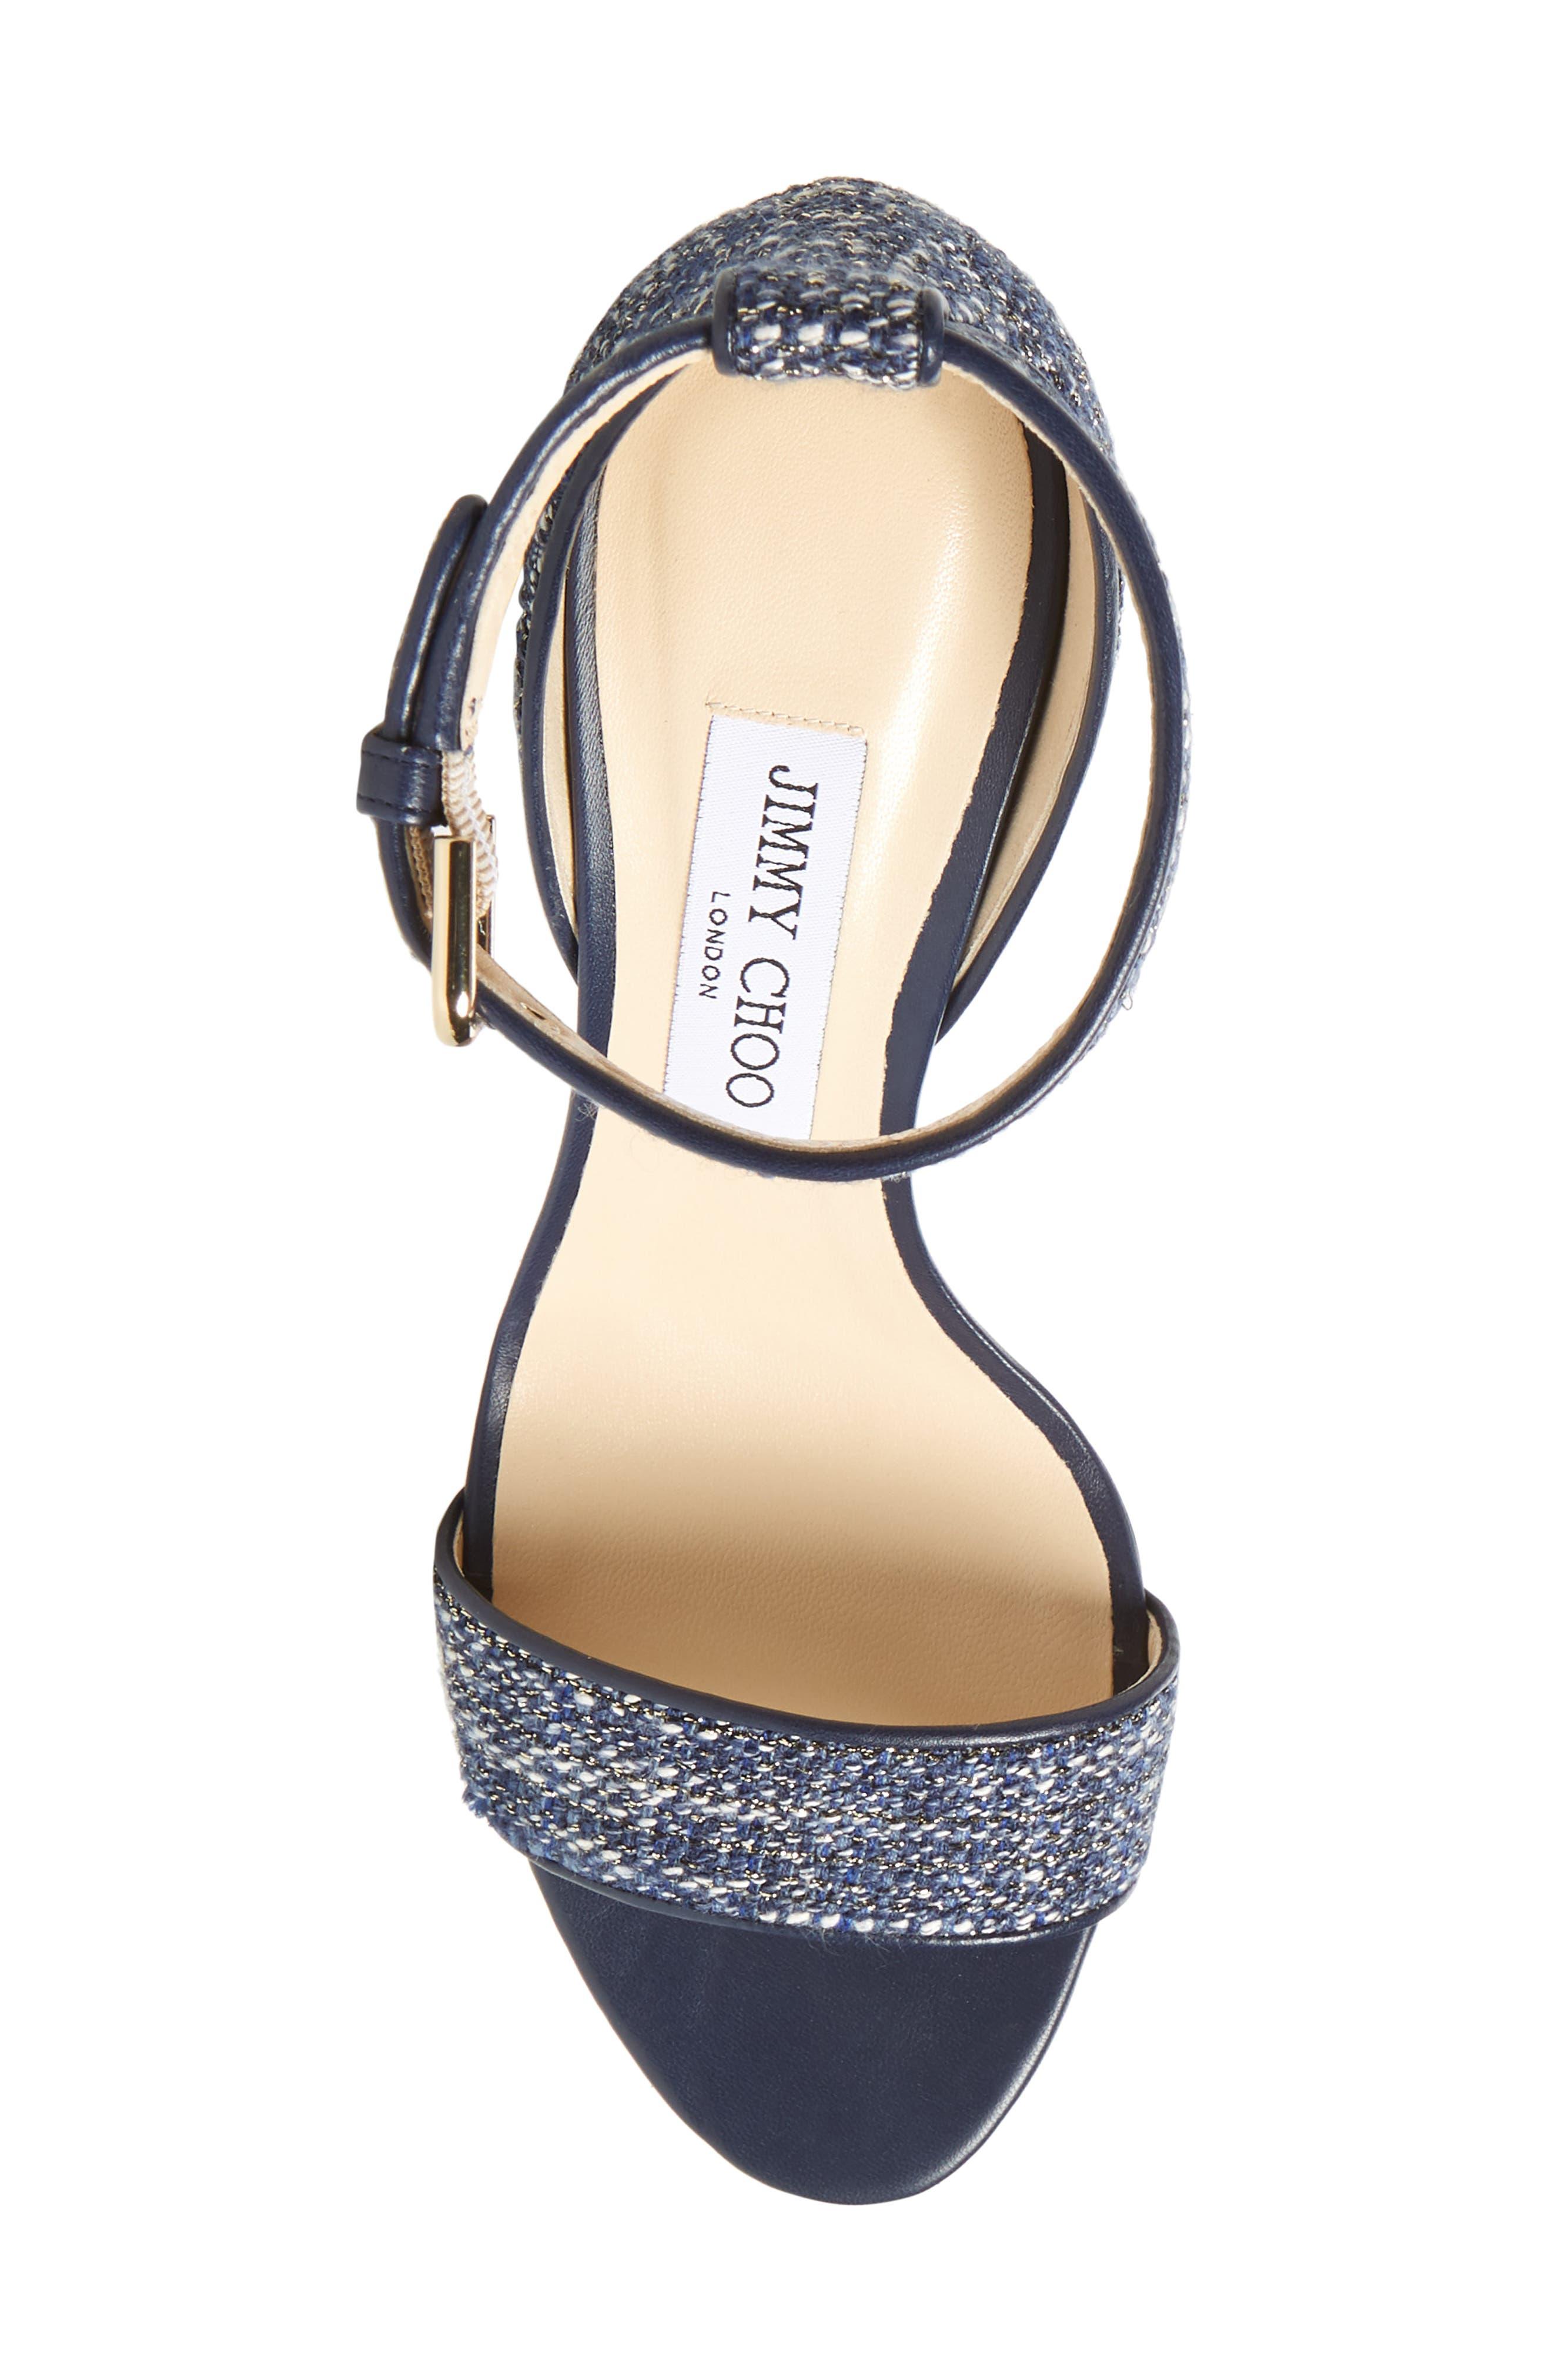 Edina Ankle Strap Sandal,                             Alternate thumbnail 5, color,                             Navy Glitter